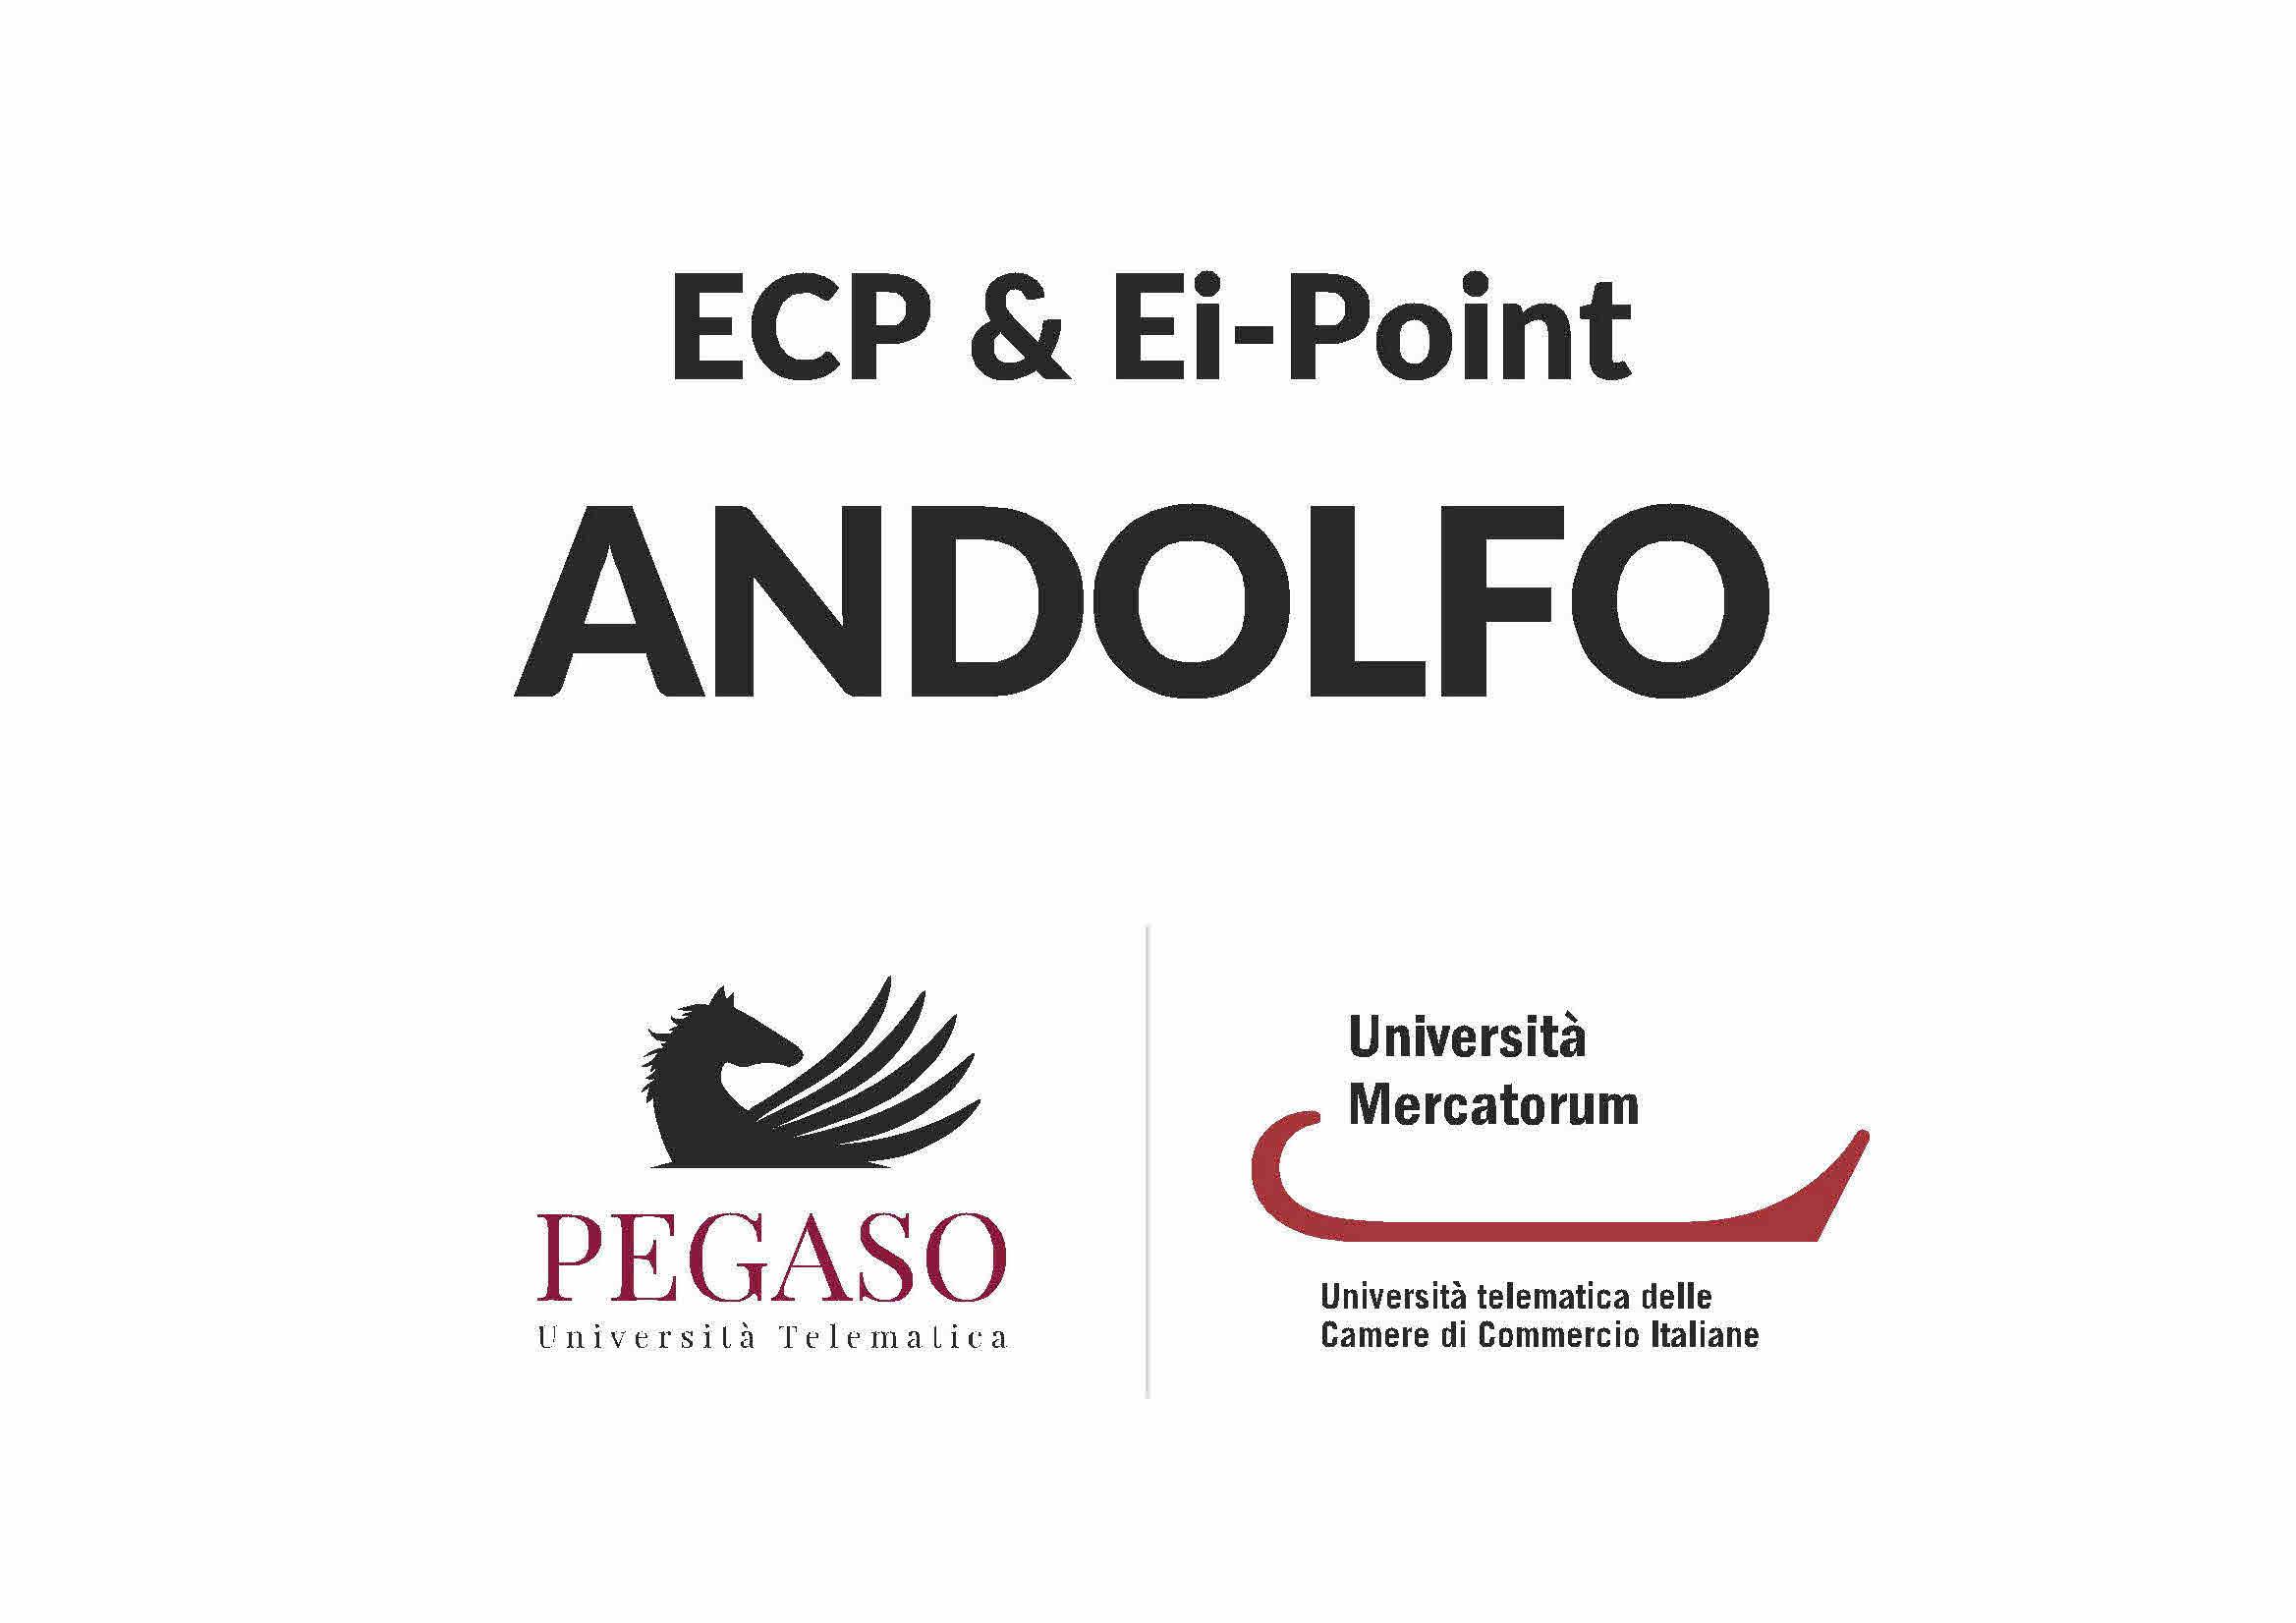 ECP ANDOLFO